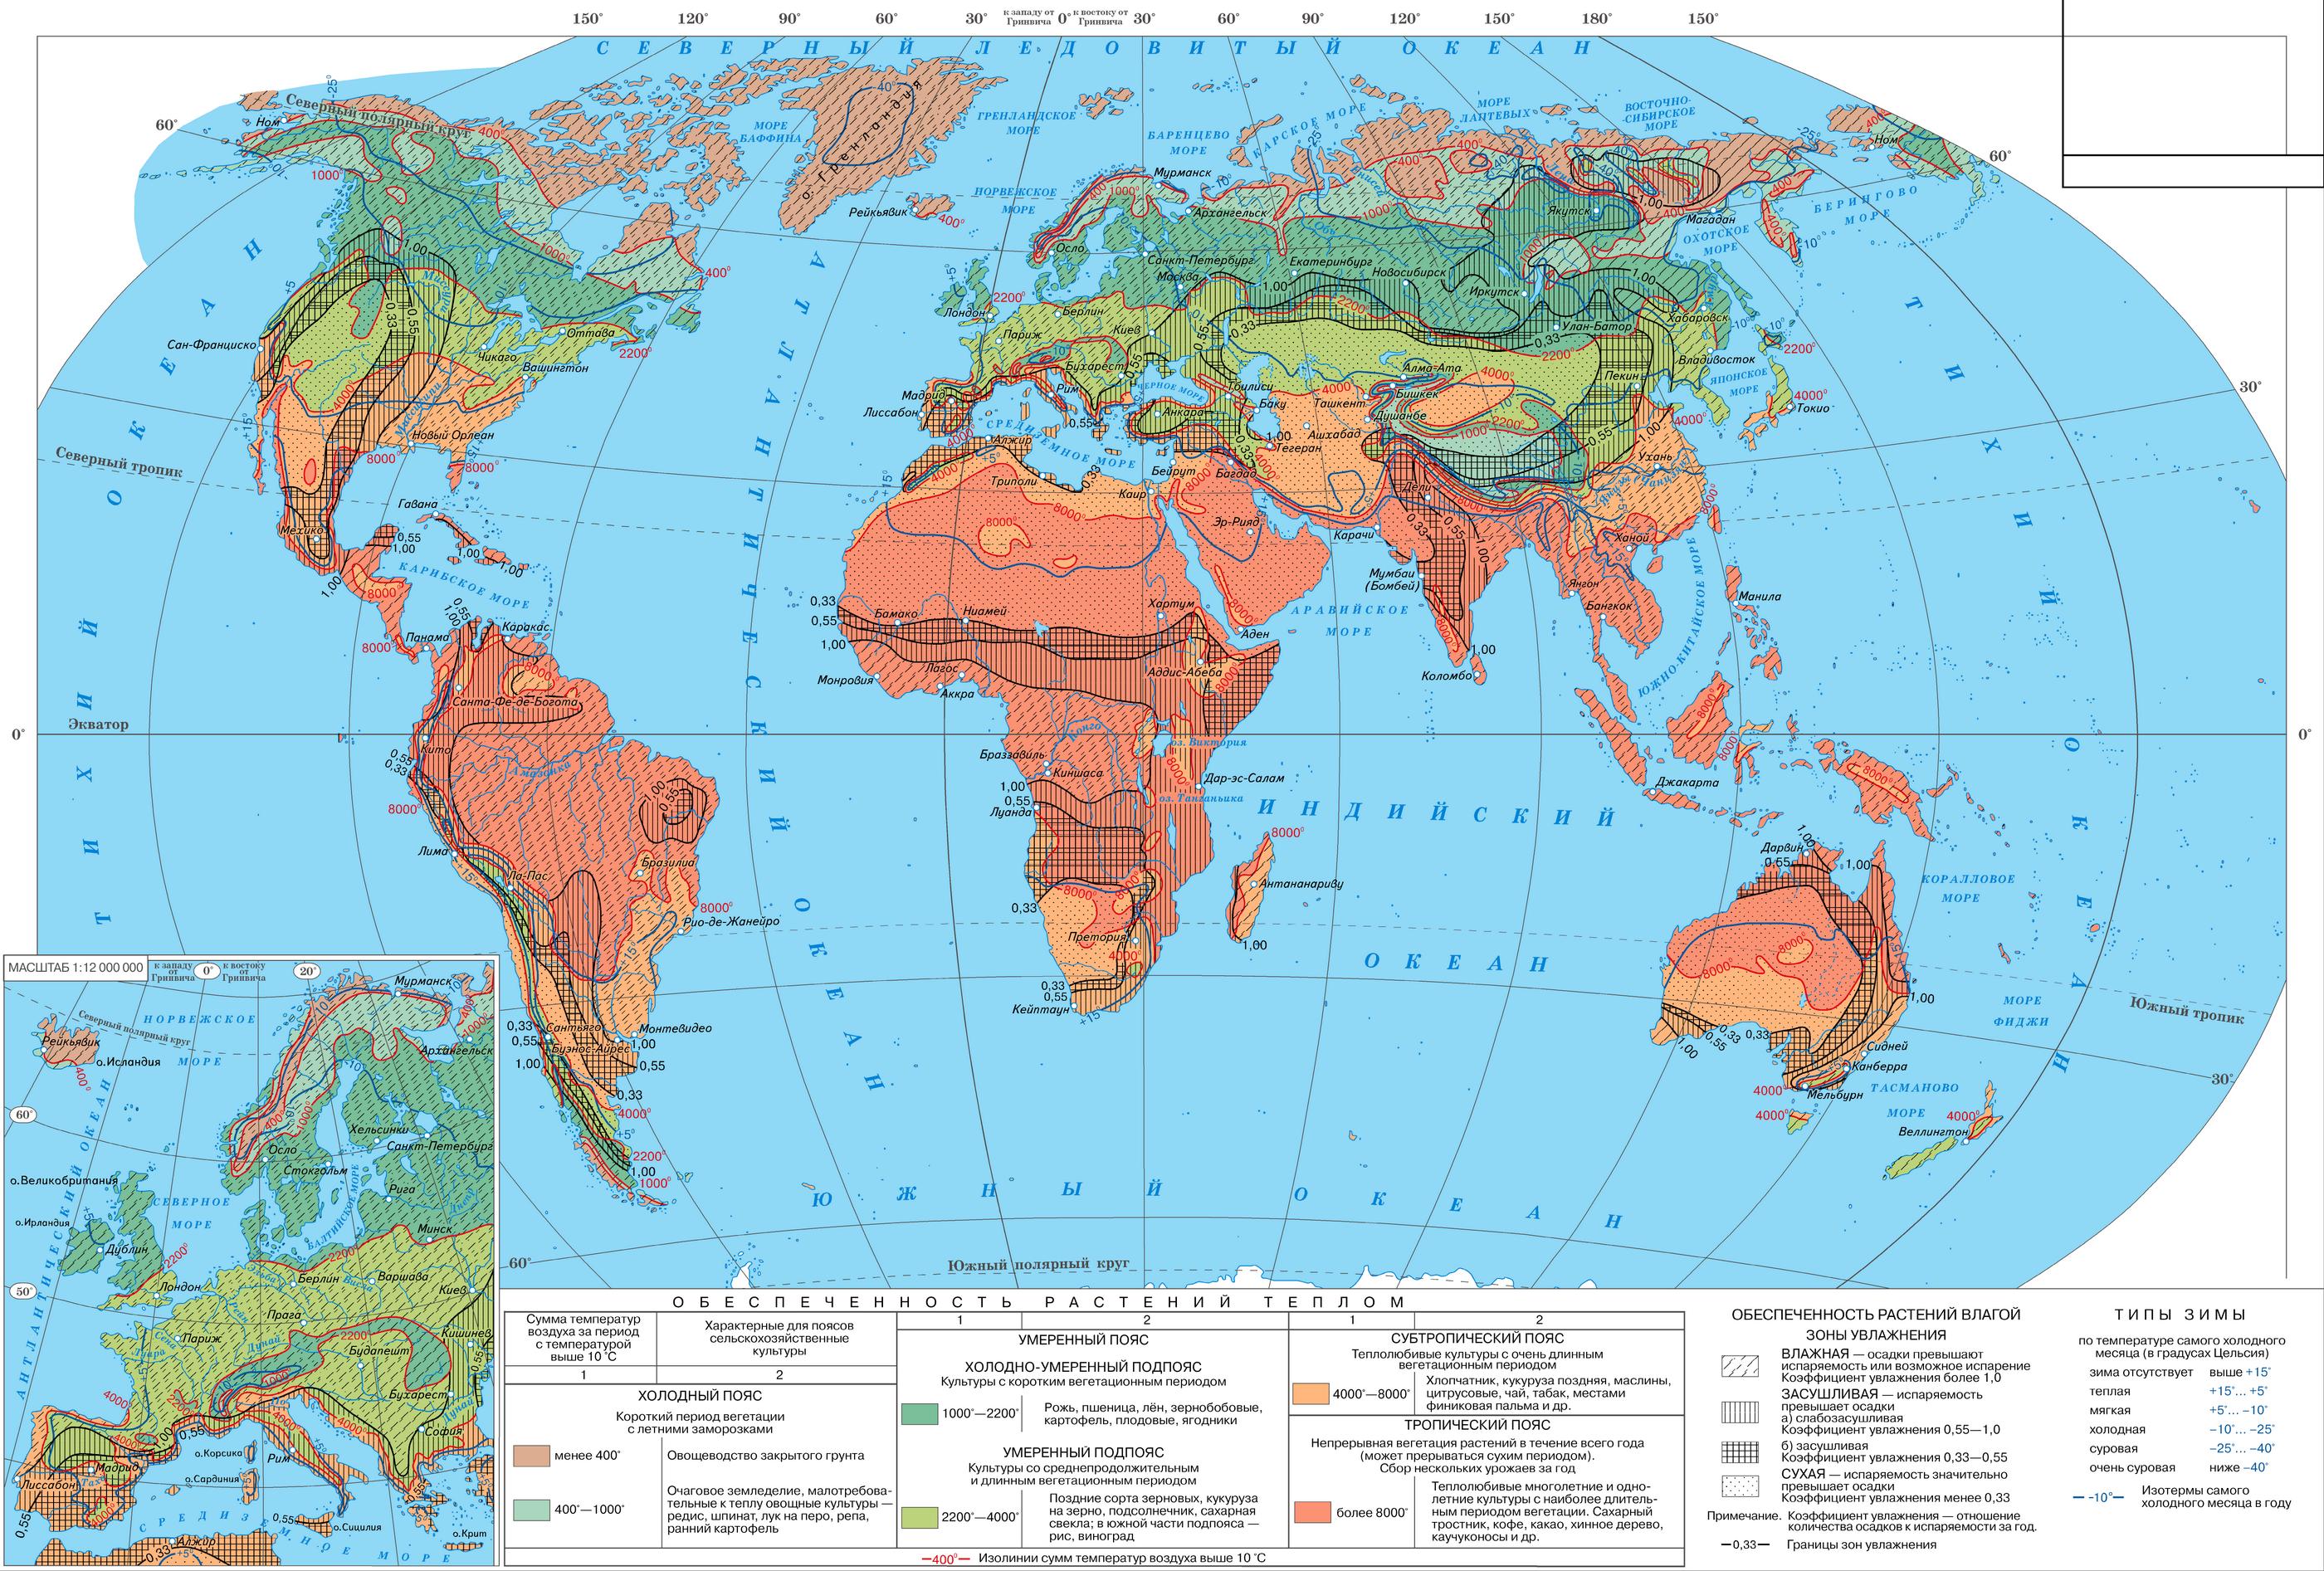 Доклад агроклиматические ресурсы мира 1653